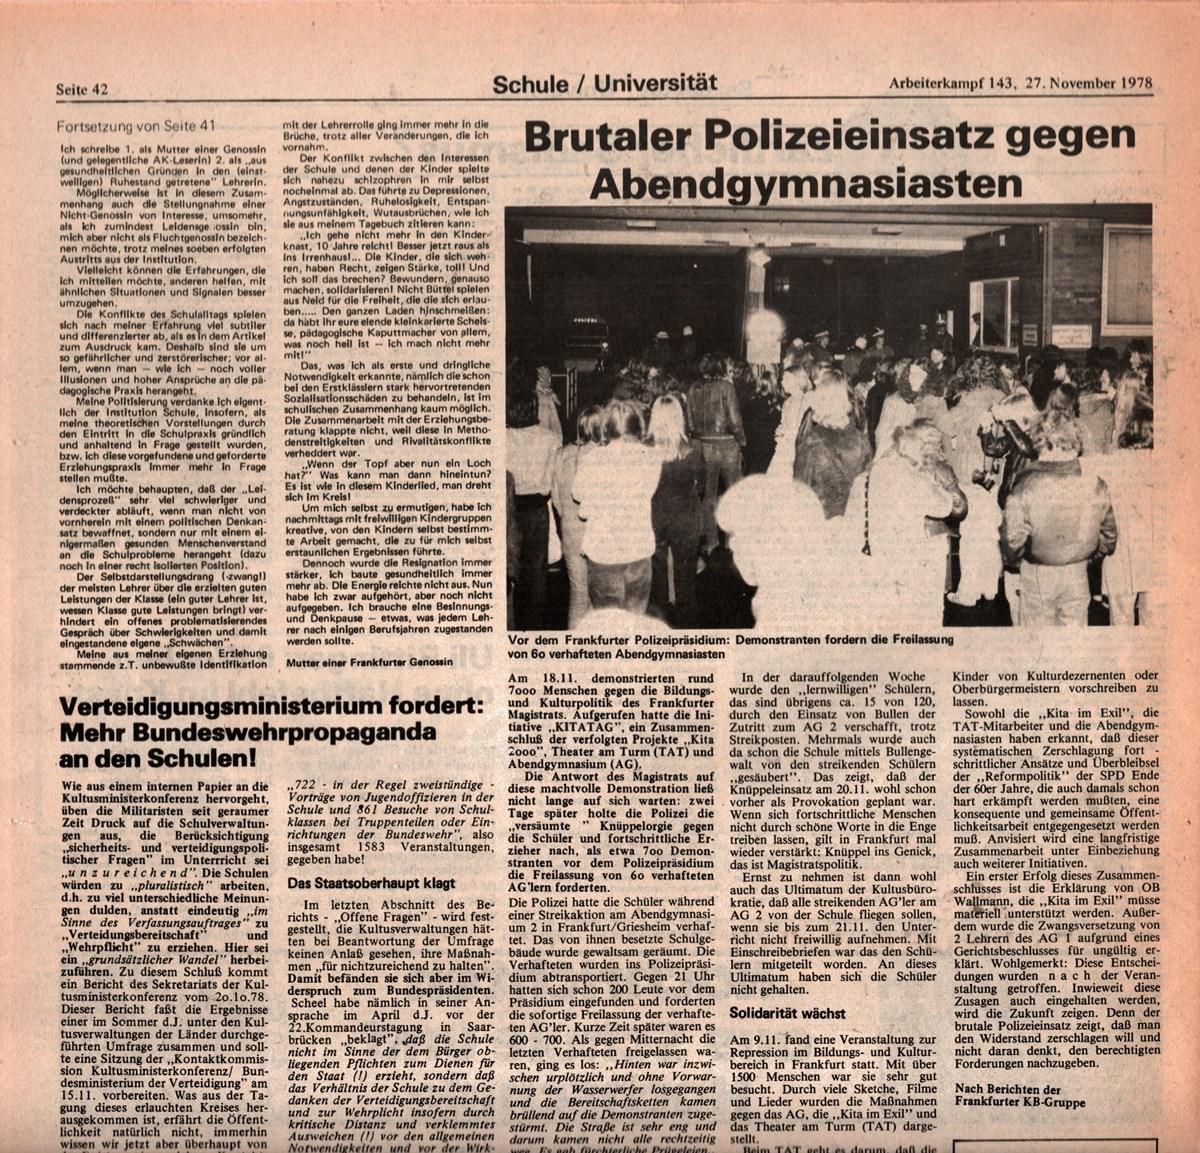 KB_AK_1978_143_083